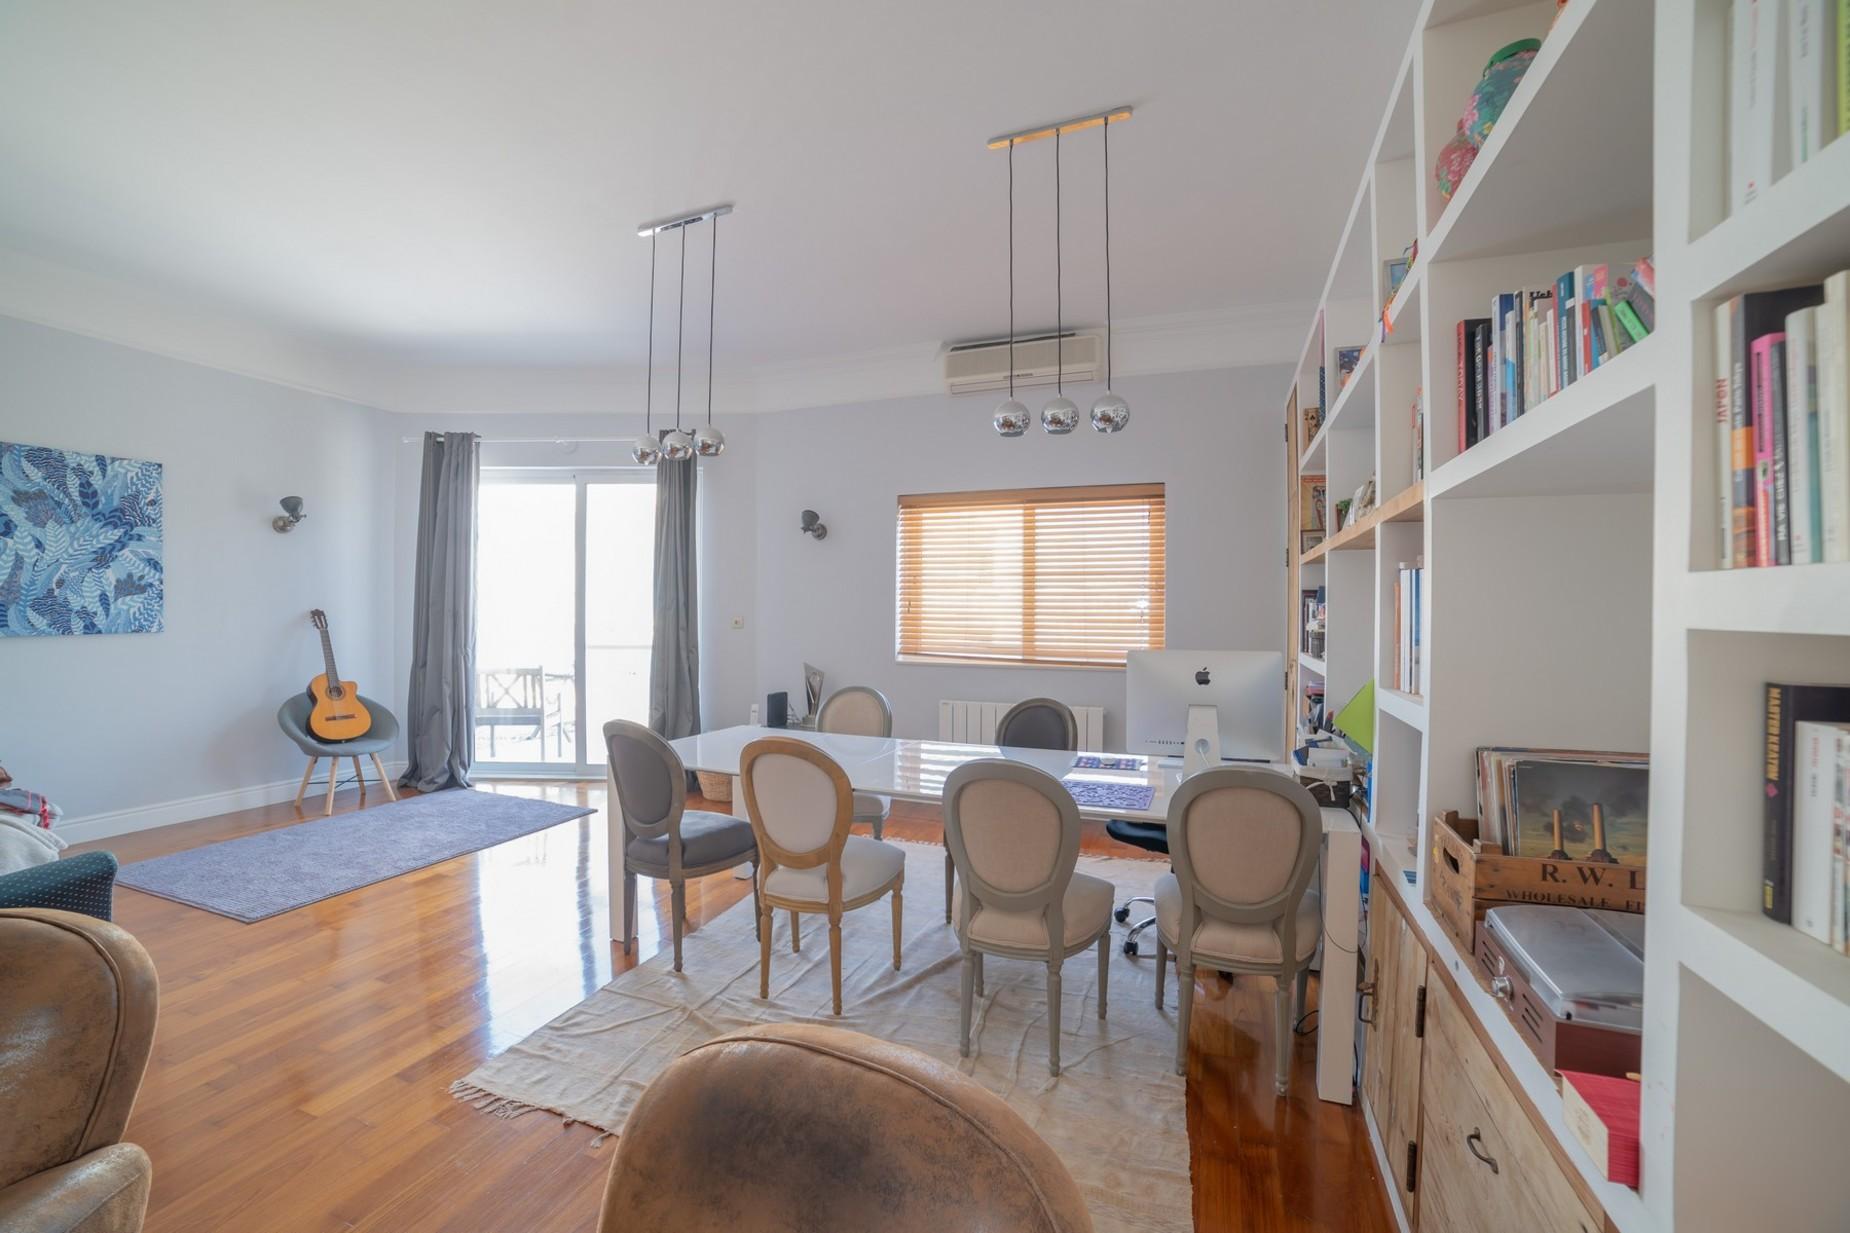 4 bed Apartment For Sale in Ta' Xbiex, Ta' Xbiex - thumb 7